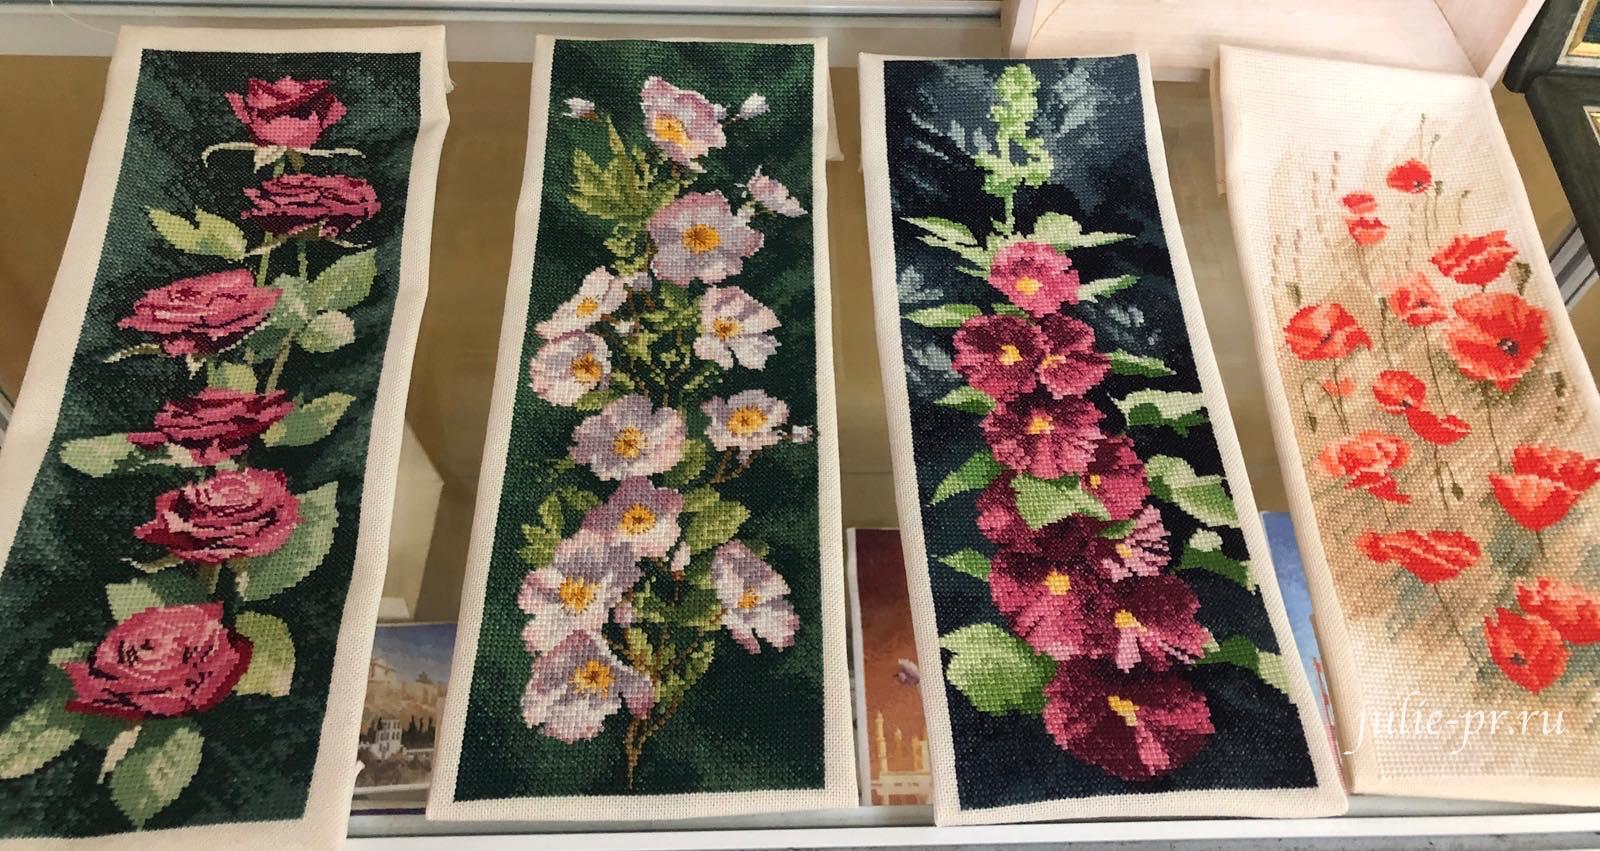 Flower Panels, Цветочные панели, вышивка крестом, Heritage, John Clayton, выставка Грани Джона Клейтона